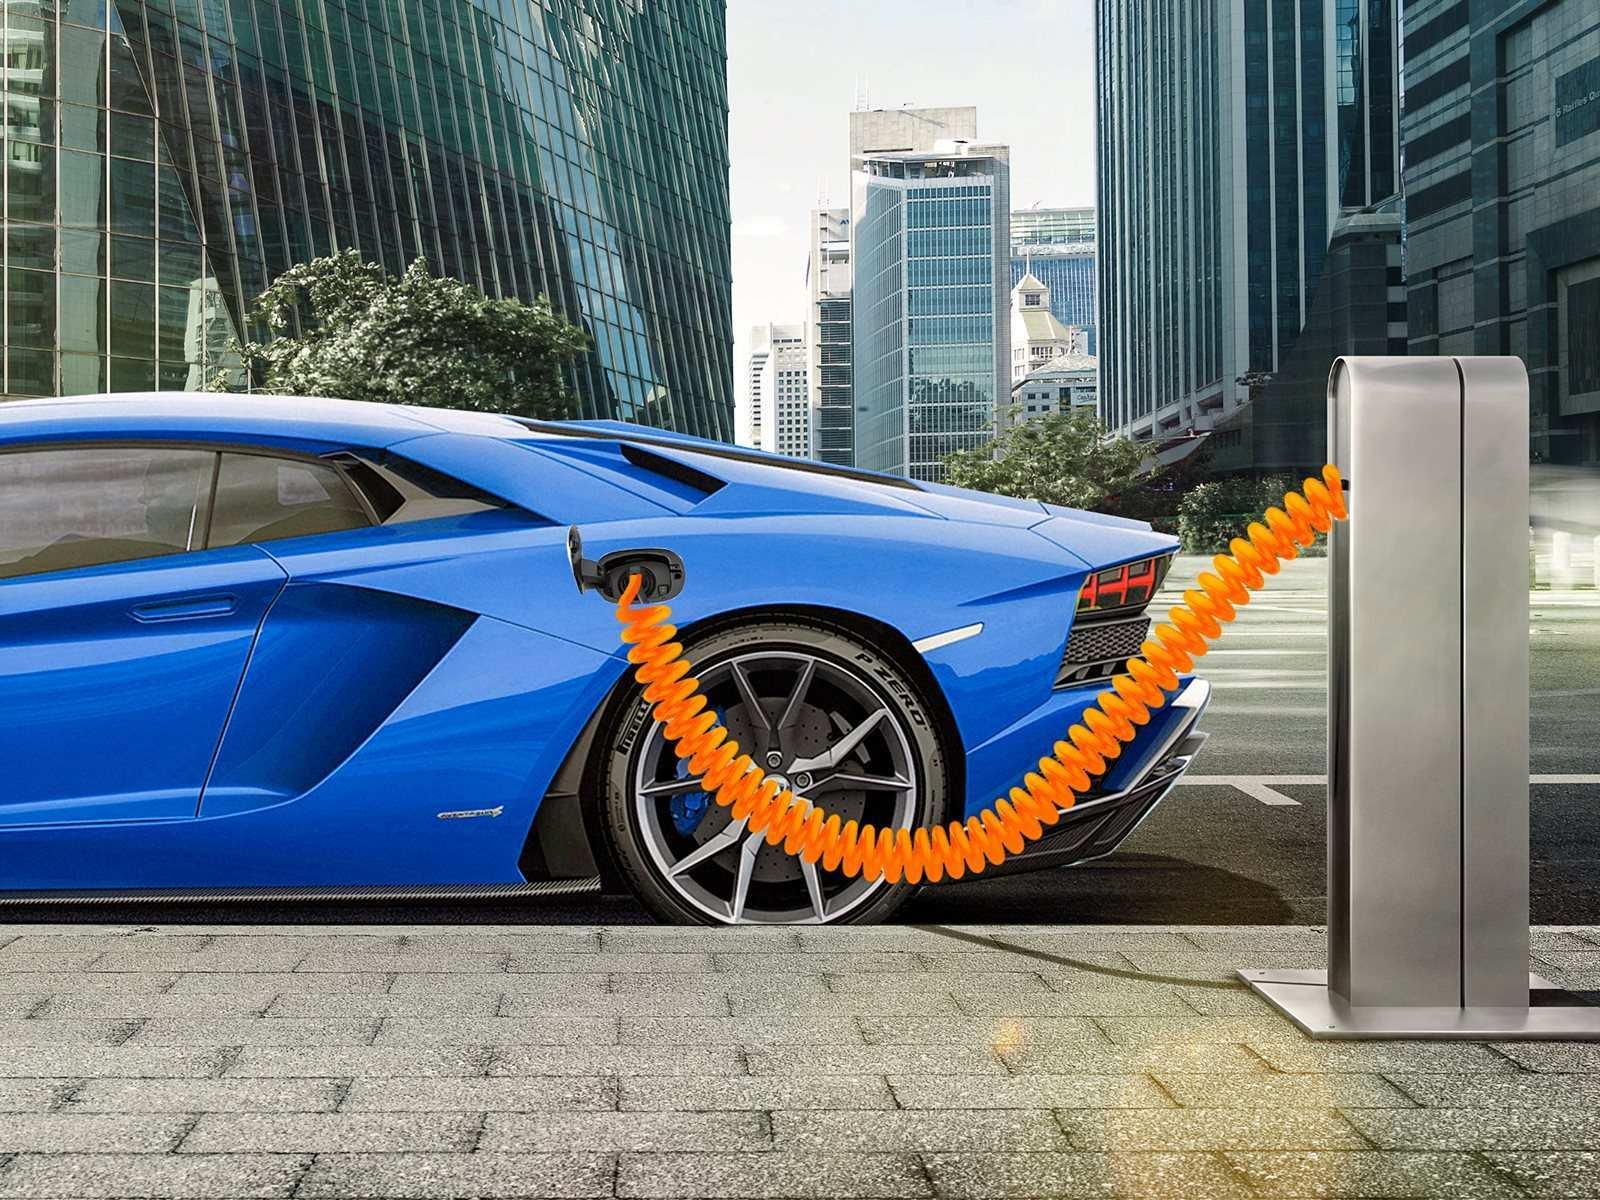 52 The 2020 Lamborghini Aventador New Concept by 2020 Lamborghini Aventador